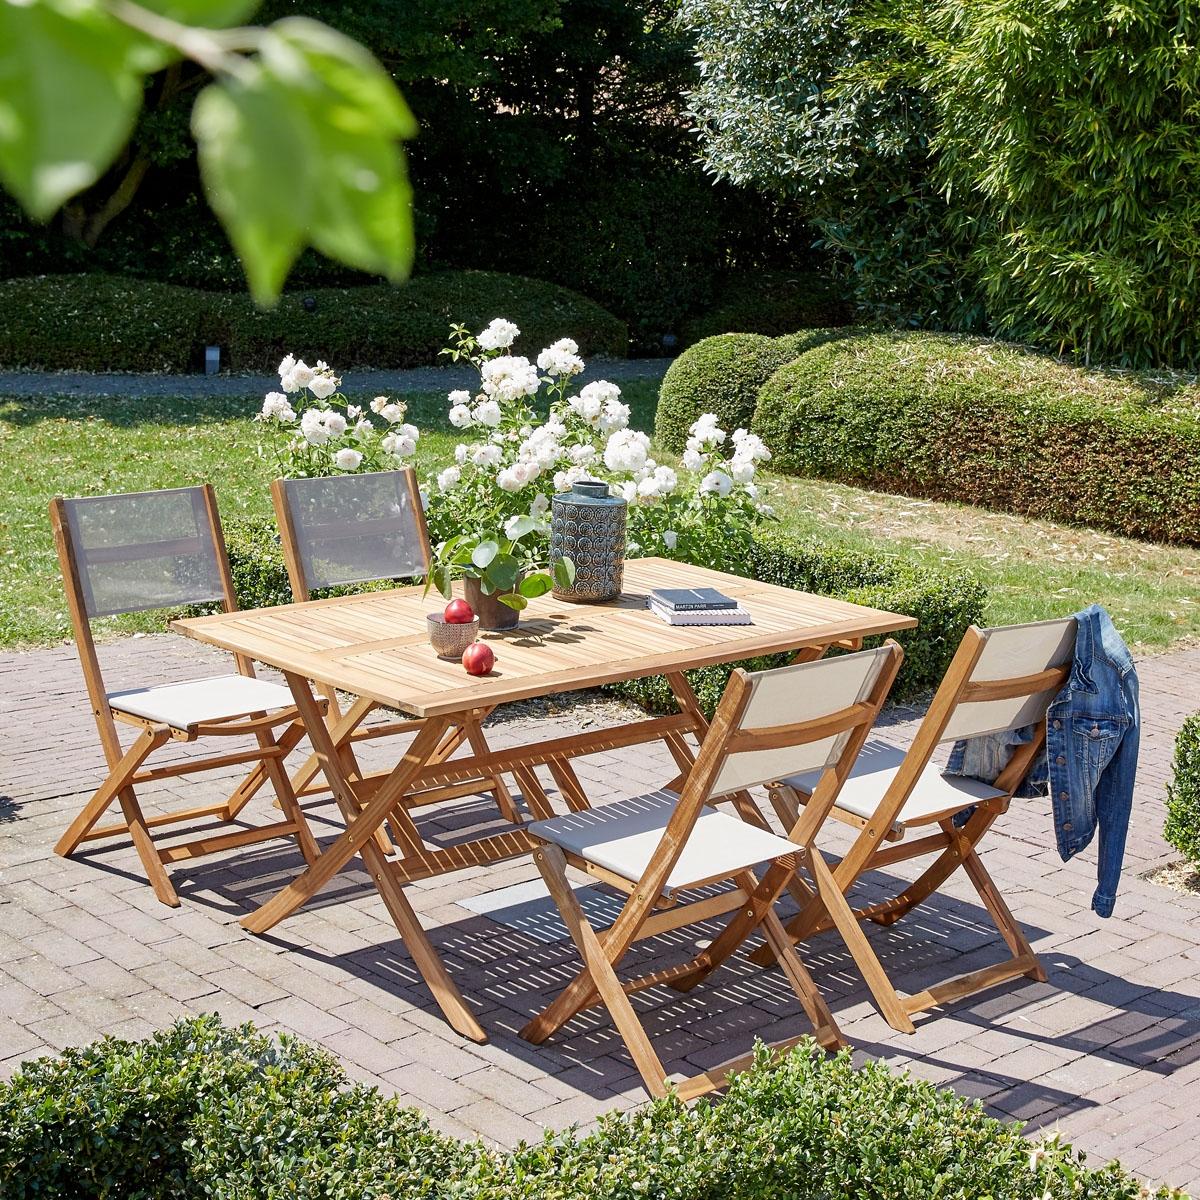 Salon de jardin en bois - Bois Dessus Bois Dessous